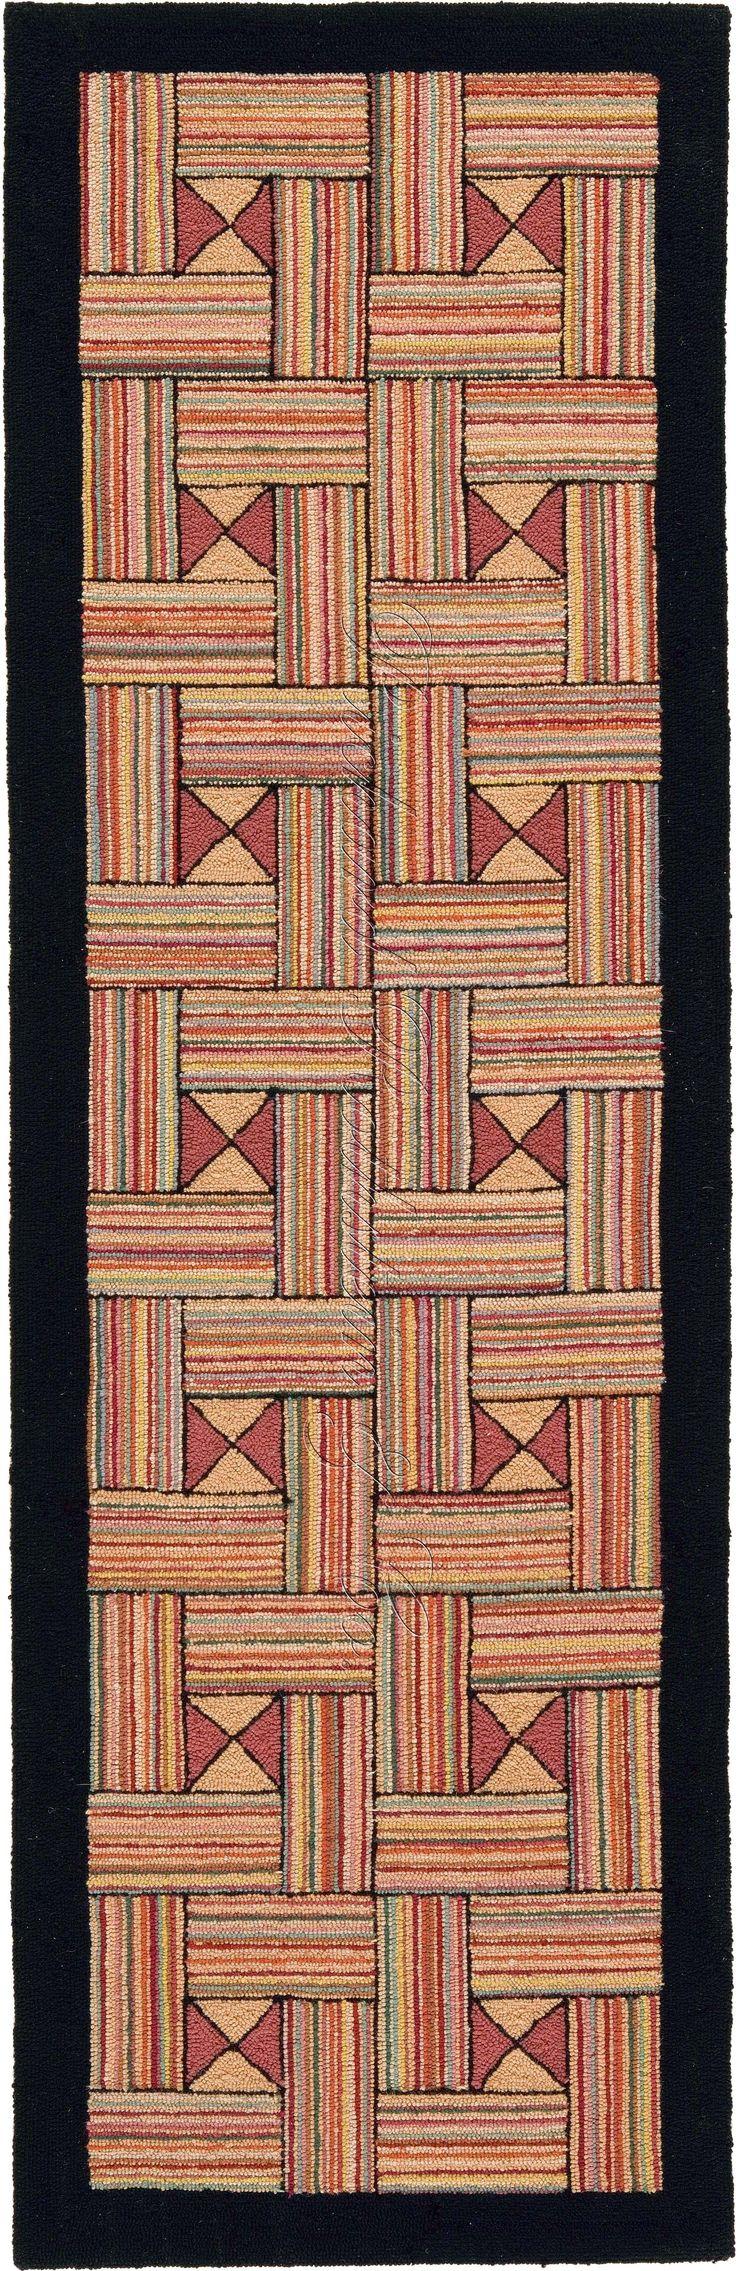 Historic Design Hand Hooked Rug - Striped Open Basket Weave